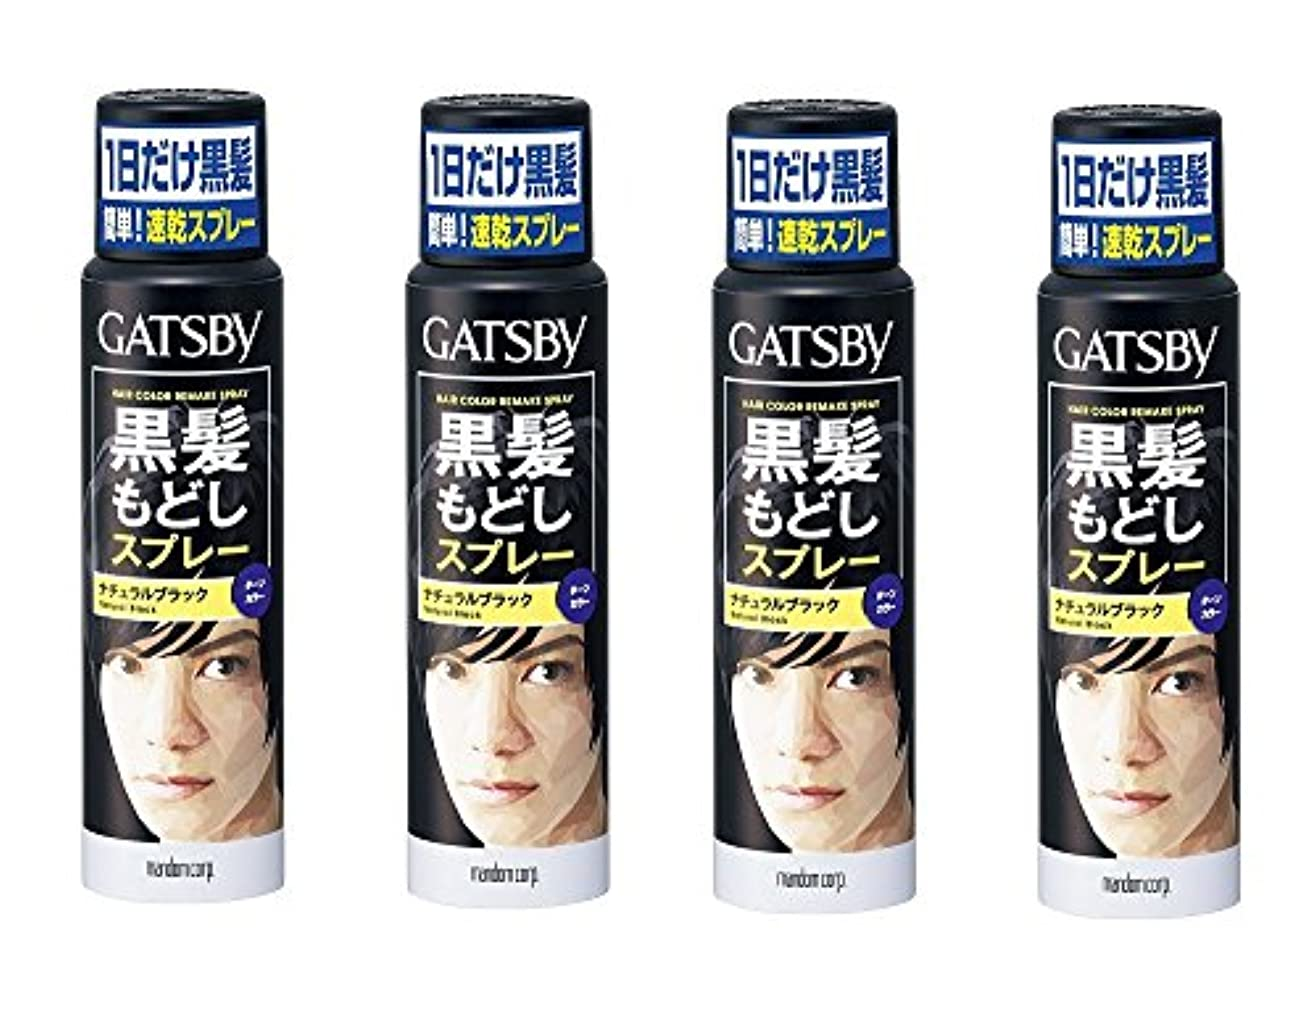 いらいらする期待する歩き回る【まとめ買い】GATSBY (ギャツビー) ターンカラースプレー ナチュラルブラック 60g×4個